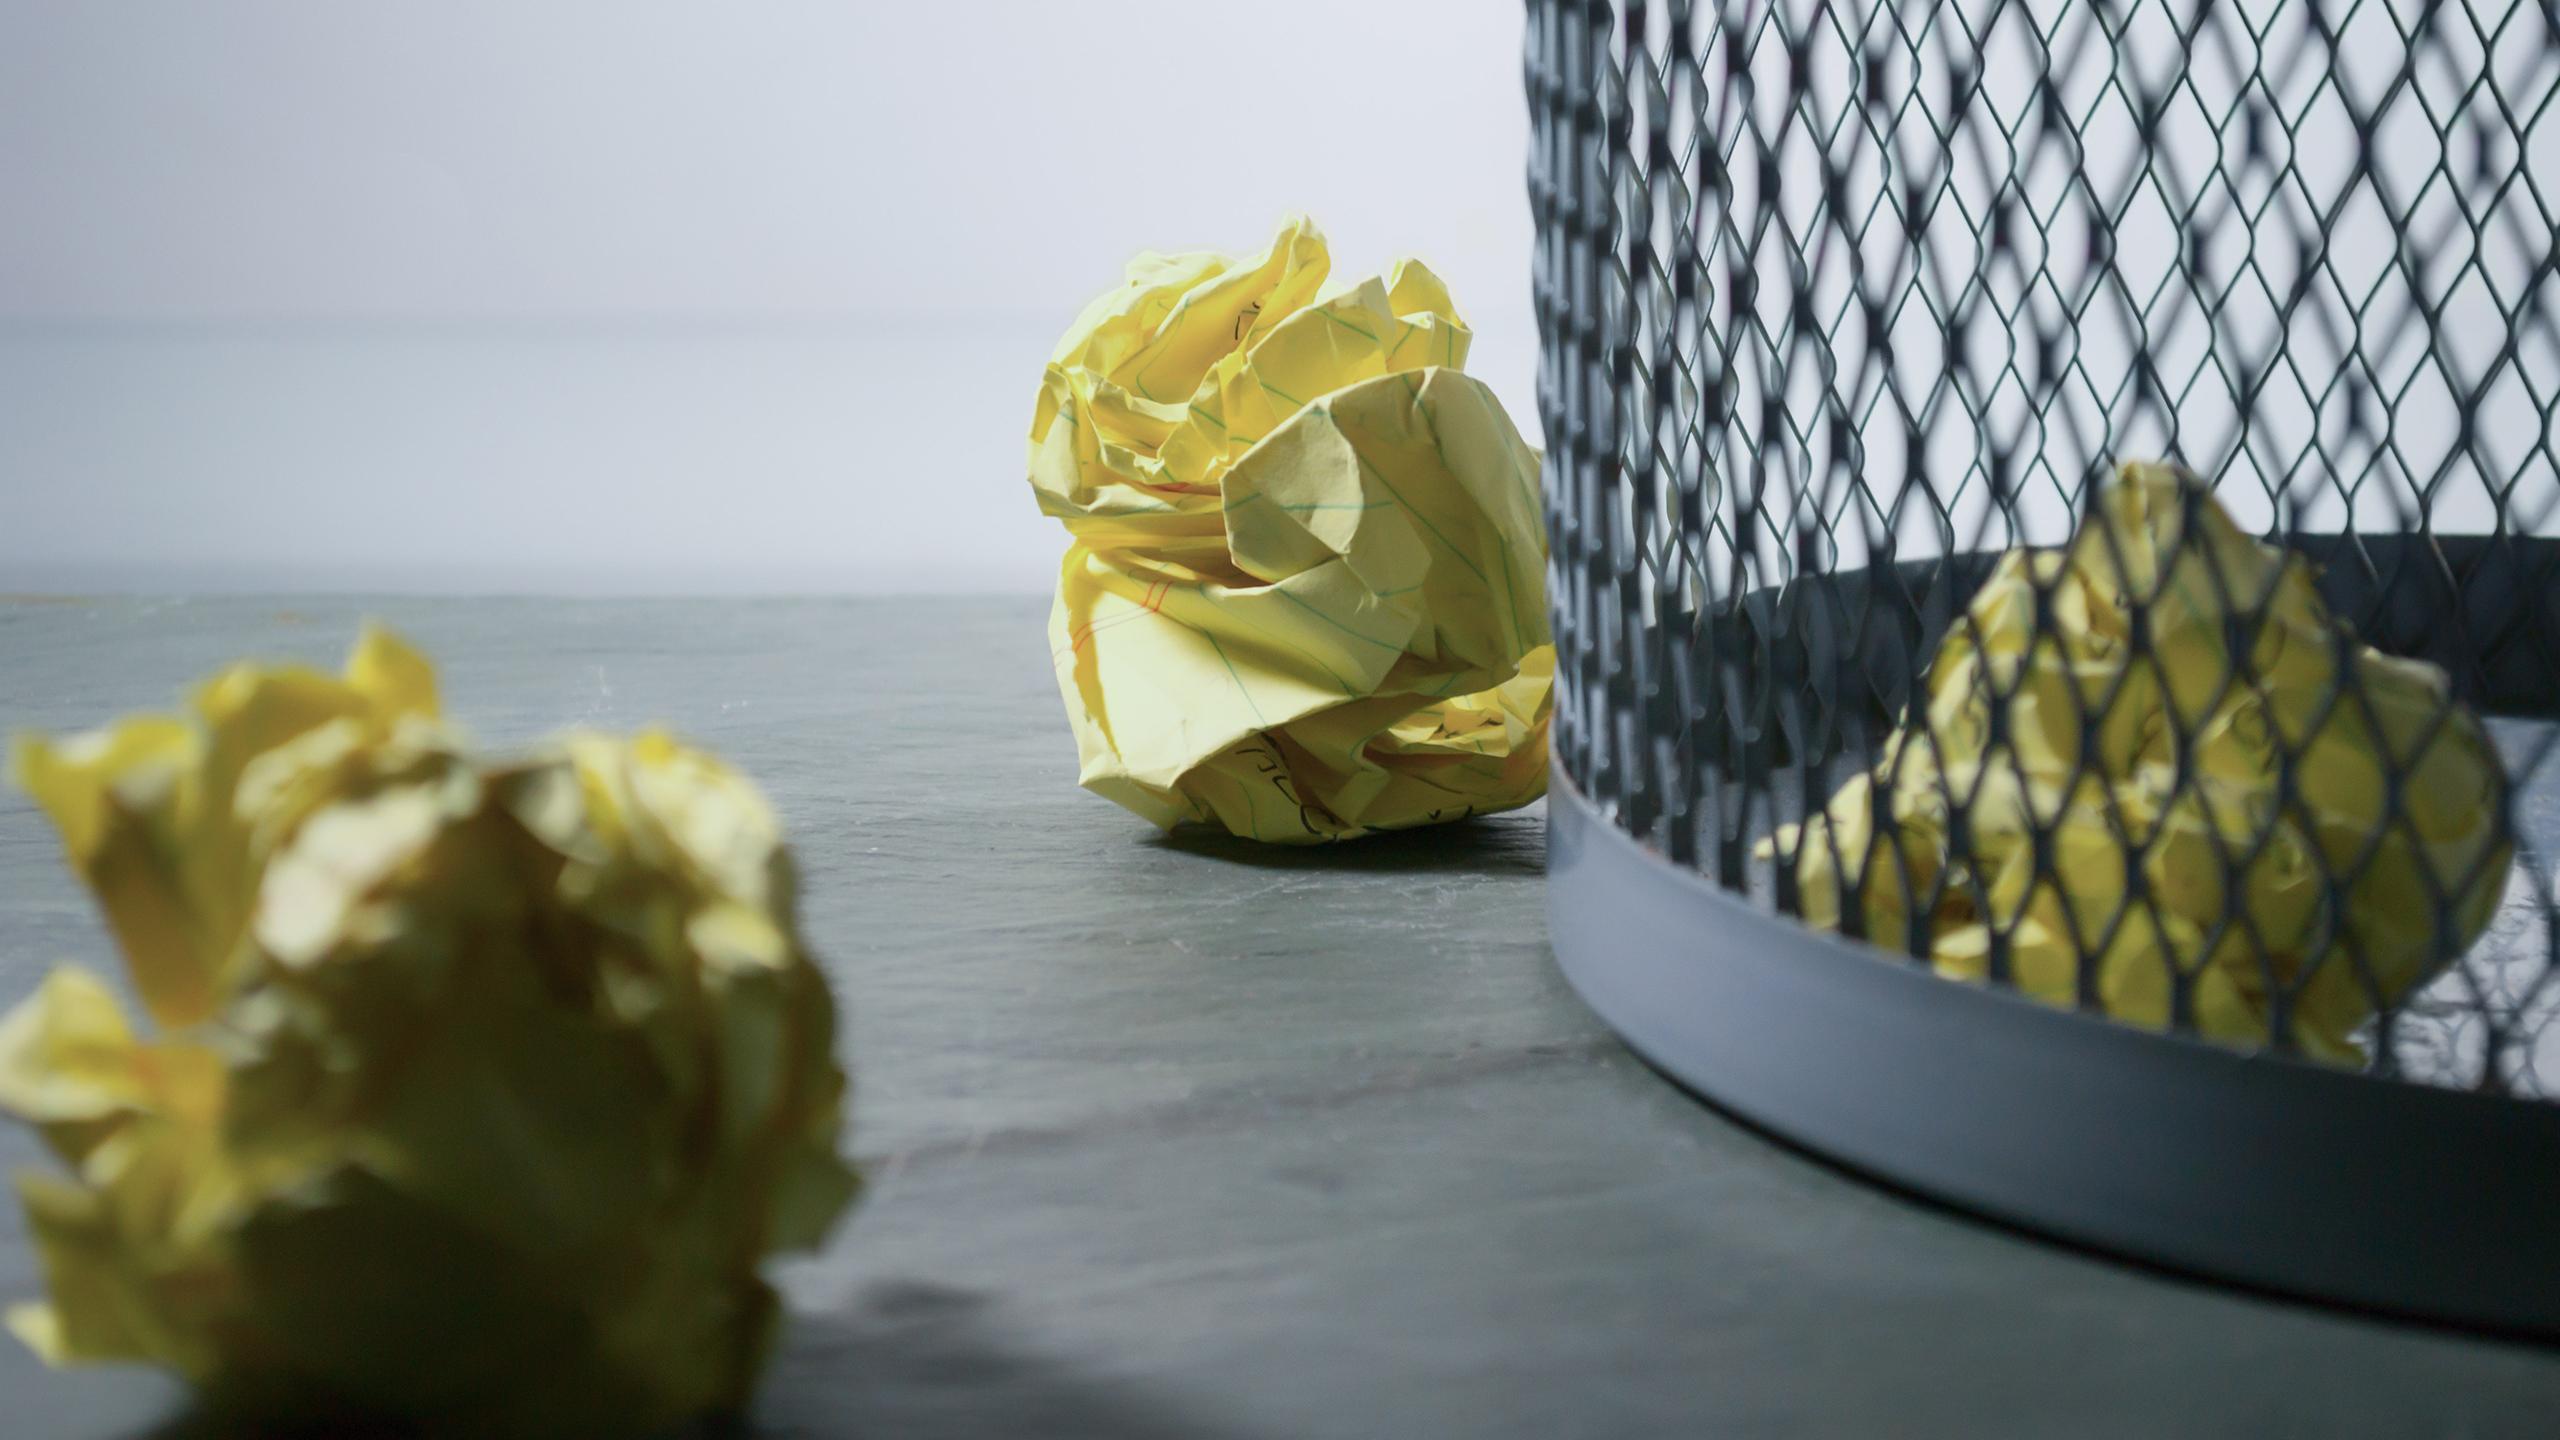 Waste Services | General Waste